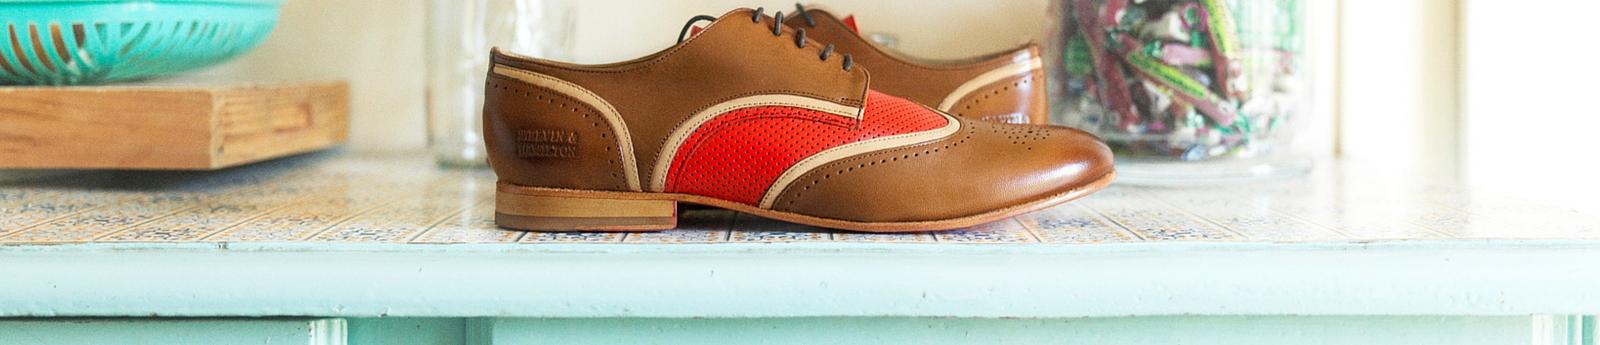 Lace up shoes women